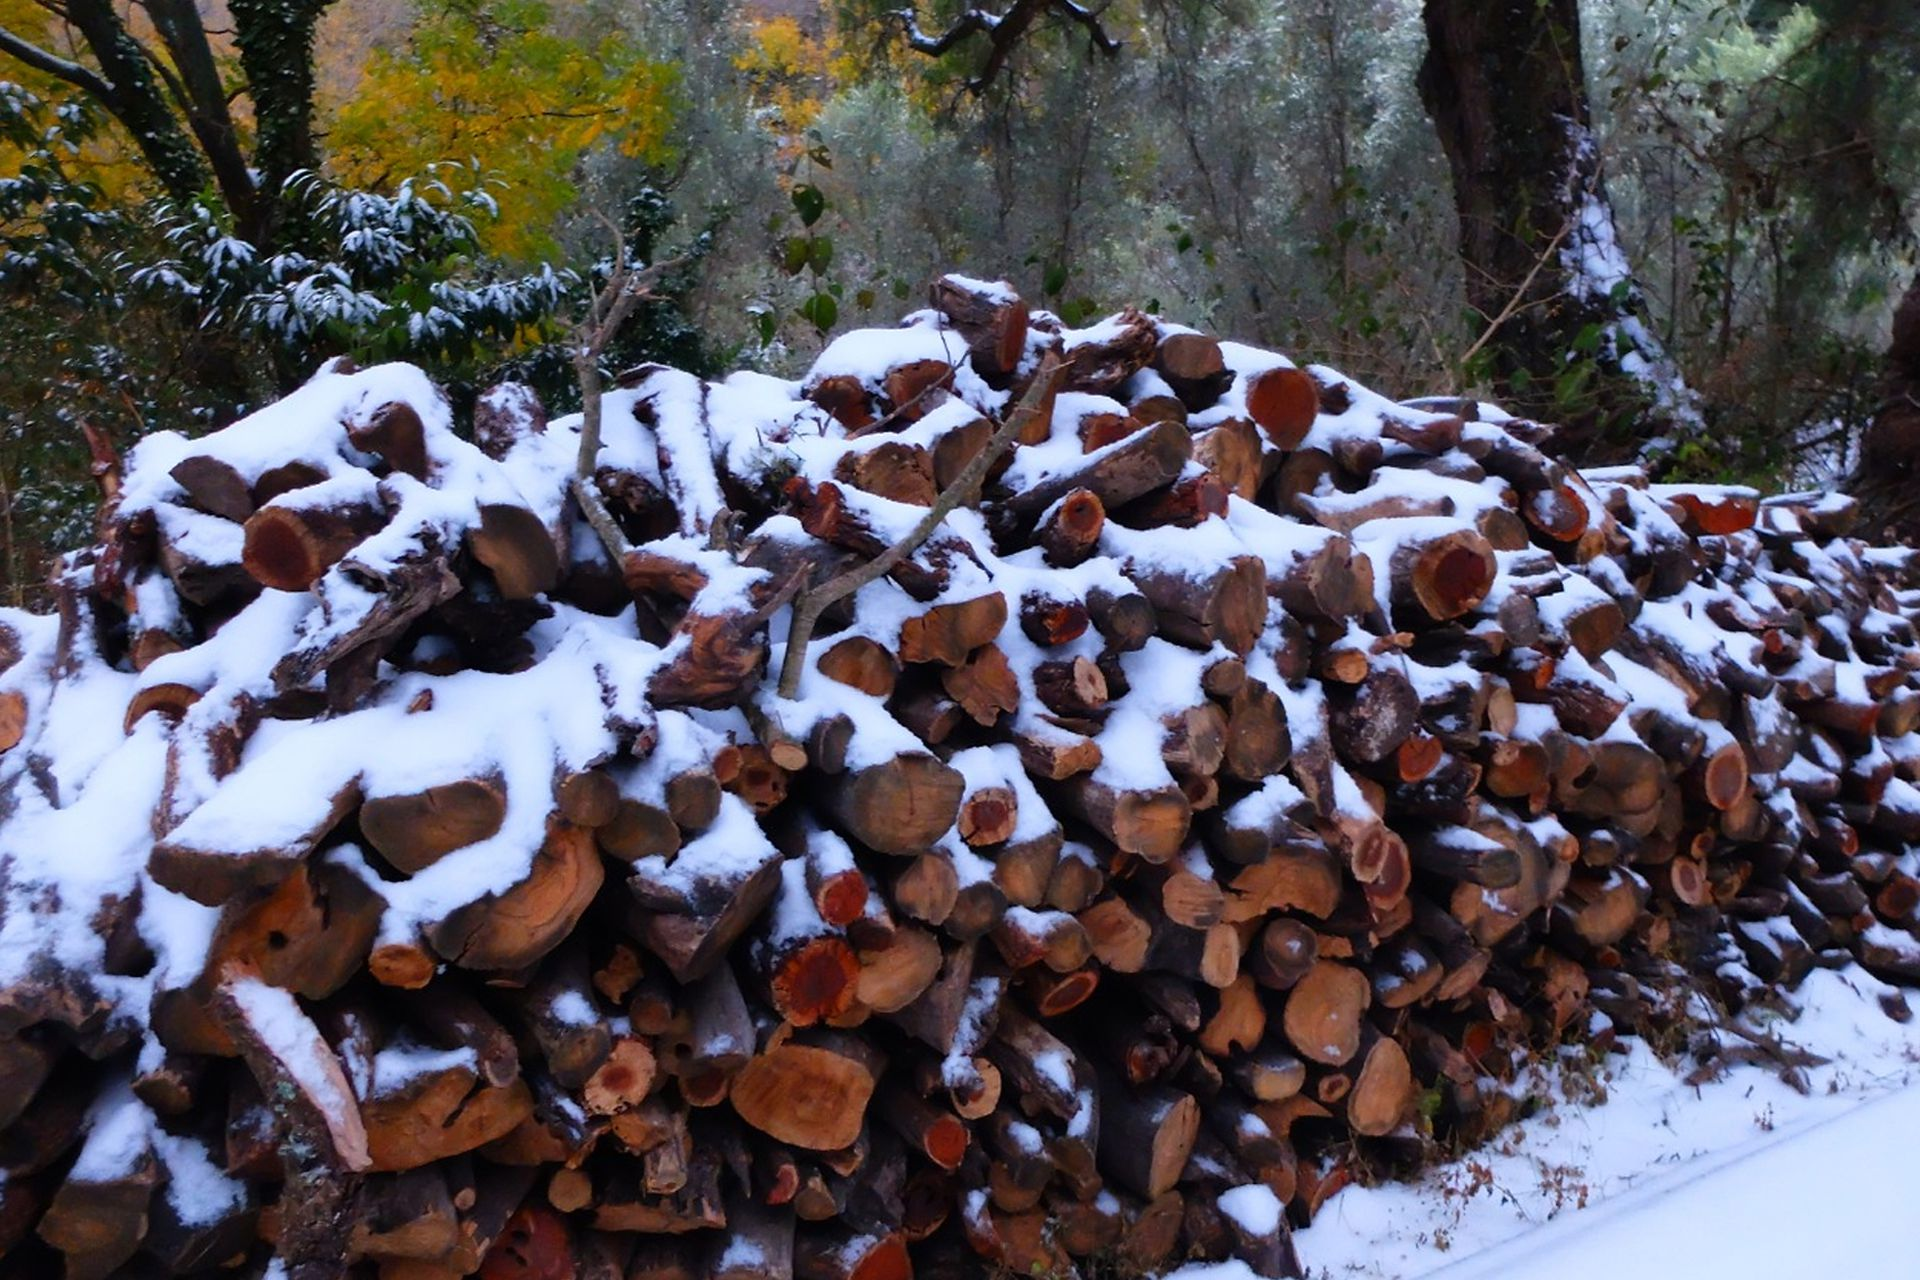 La leña para combatir el frío cubierta de nieve